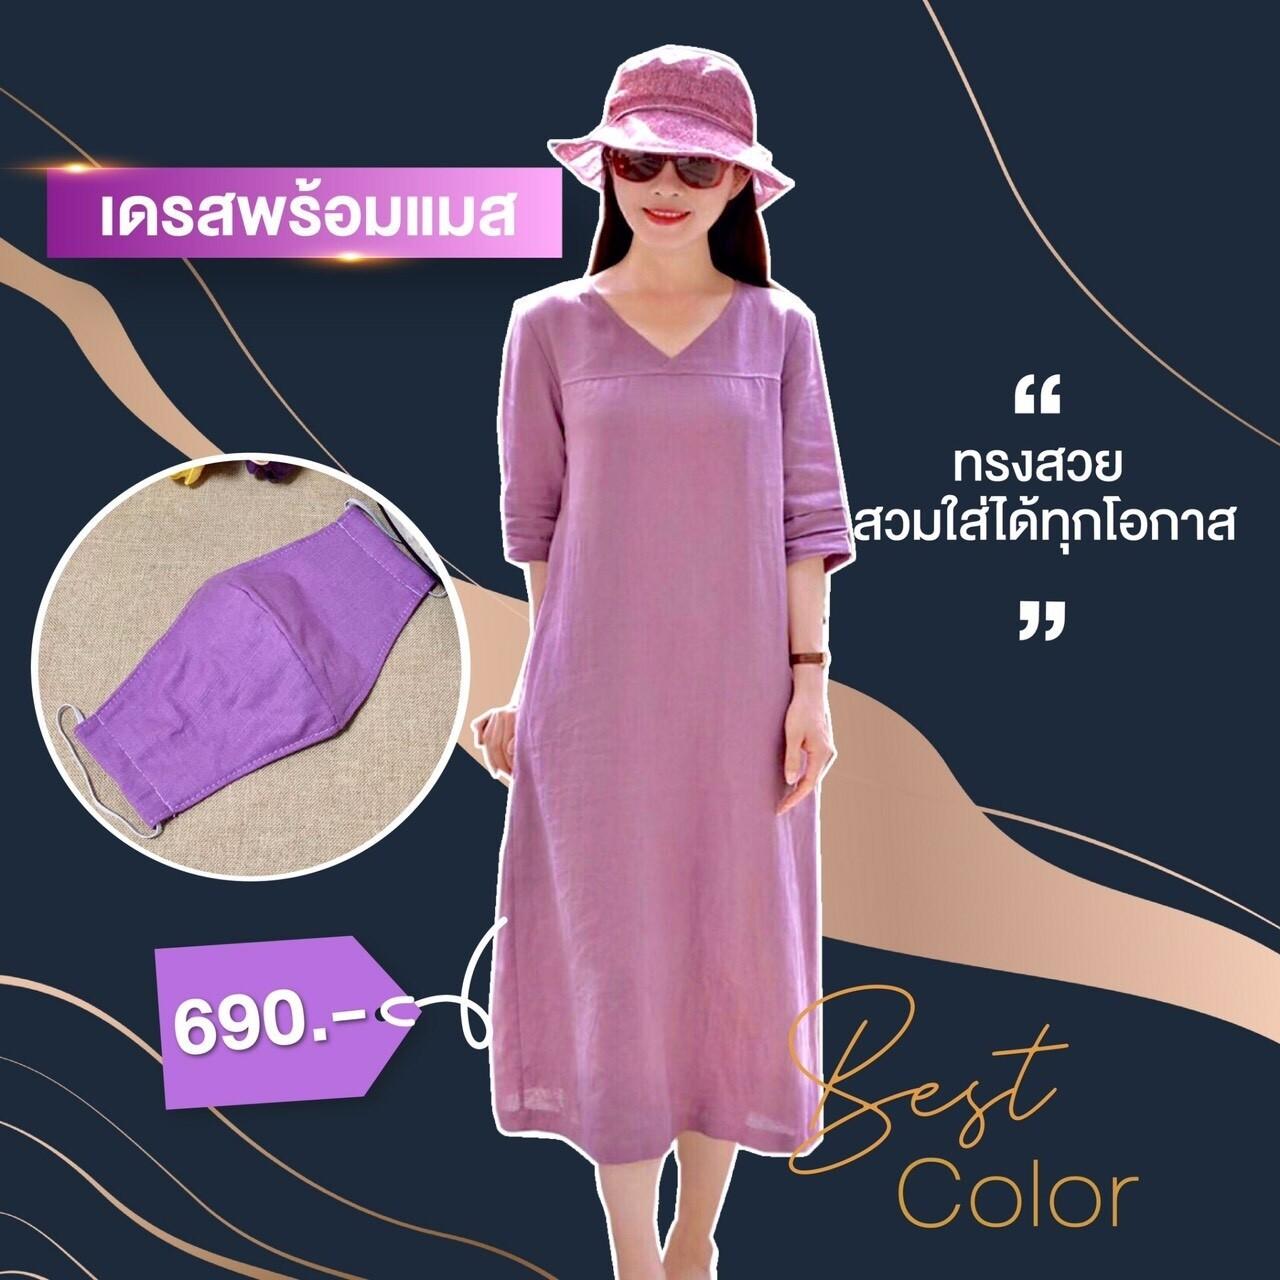 เดรสลินินผสมฝ้ายเนื้อผ้ายืดหยุ่นได้ เดรสคอวี แขน5ส่วน ชุดเดรสยาว เดรสคลุมท้อง เดรสคอกลม ชุดเดรสนุ่มสบายขนาดใหญ่ Blend Linen Dress Over-Size Sai Suay.